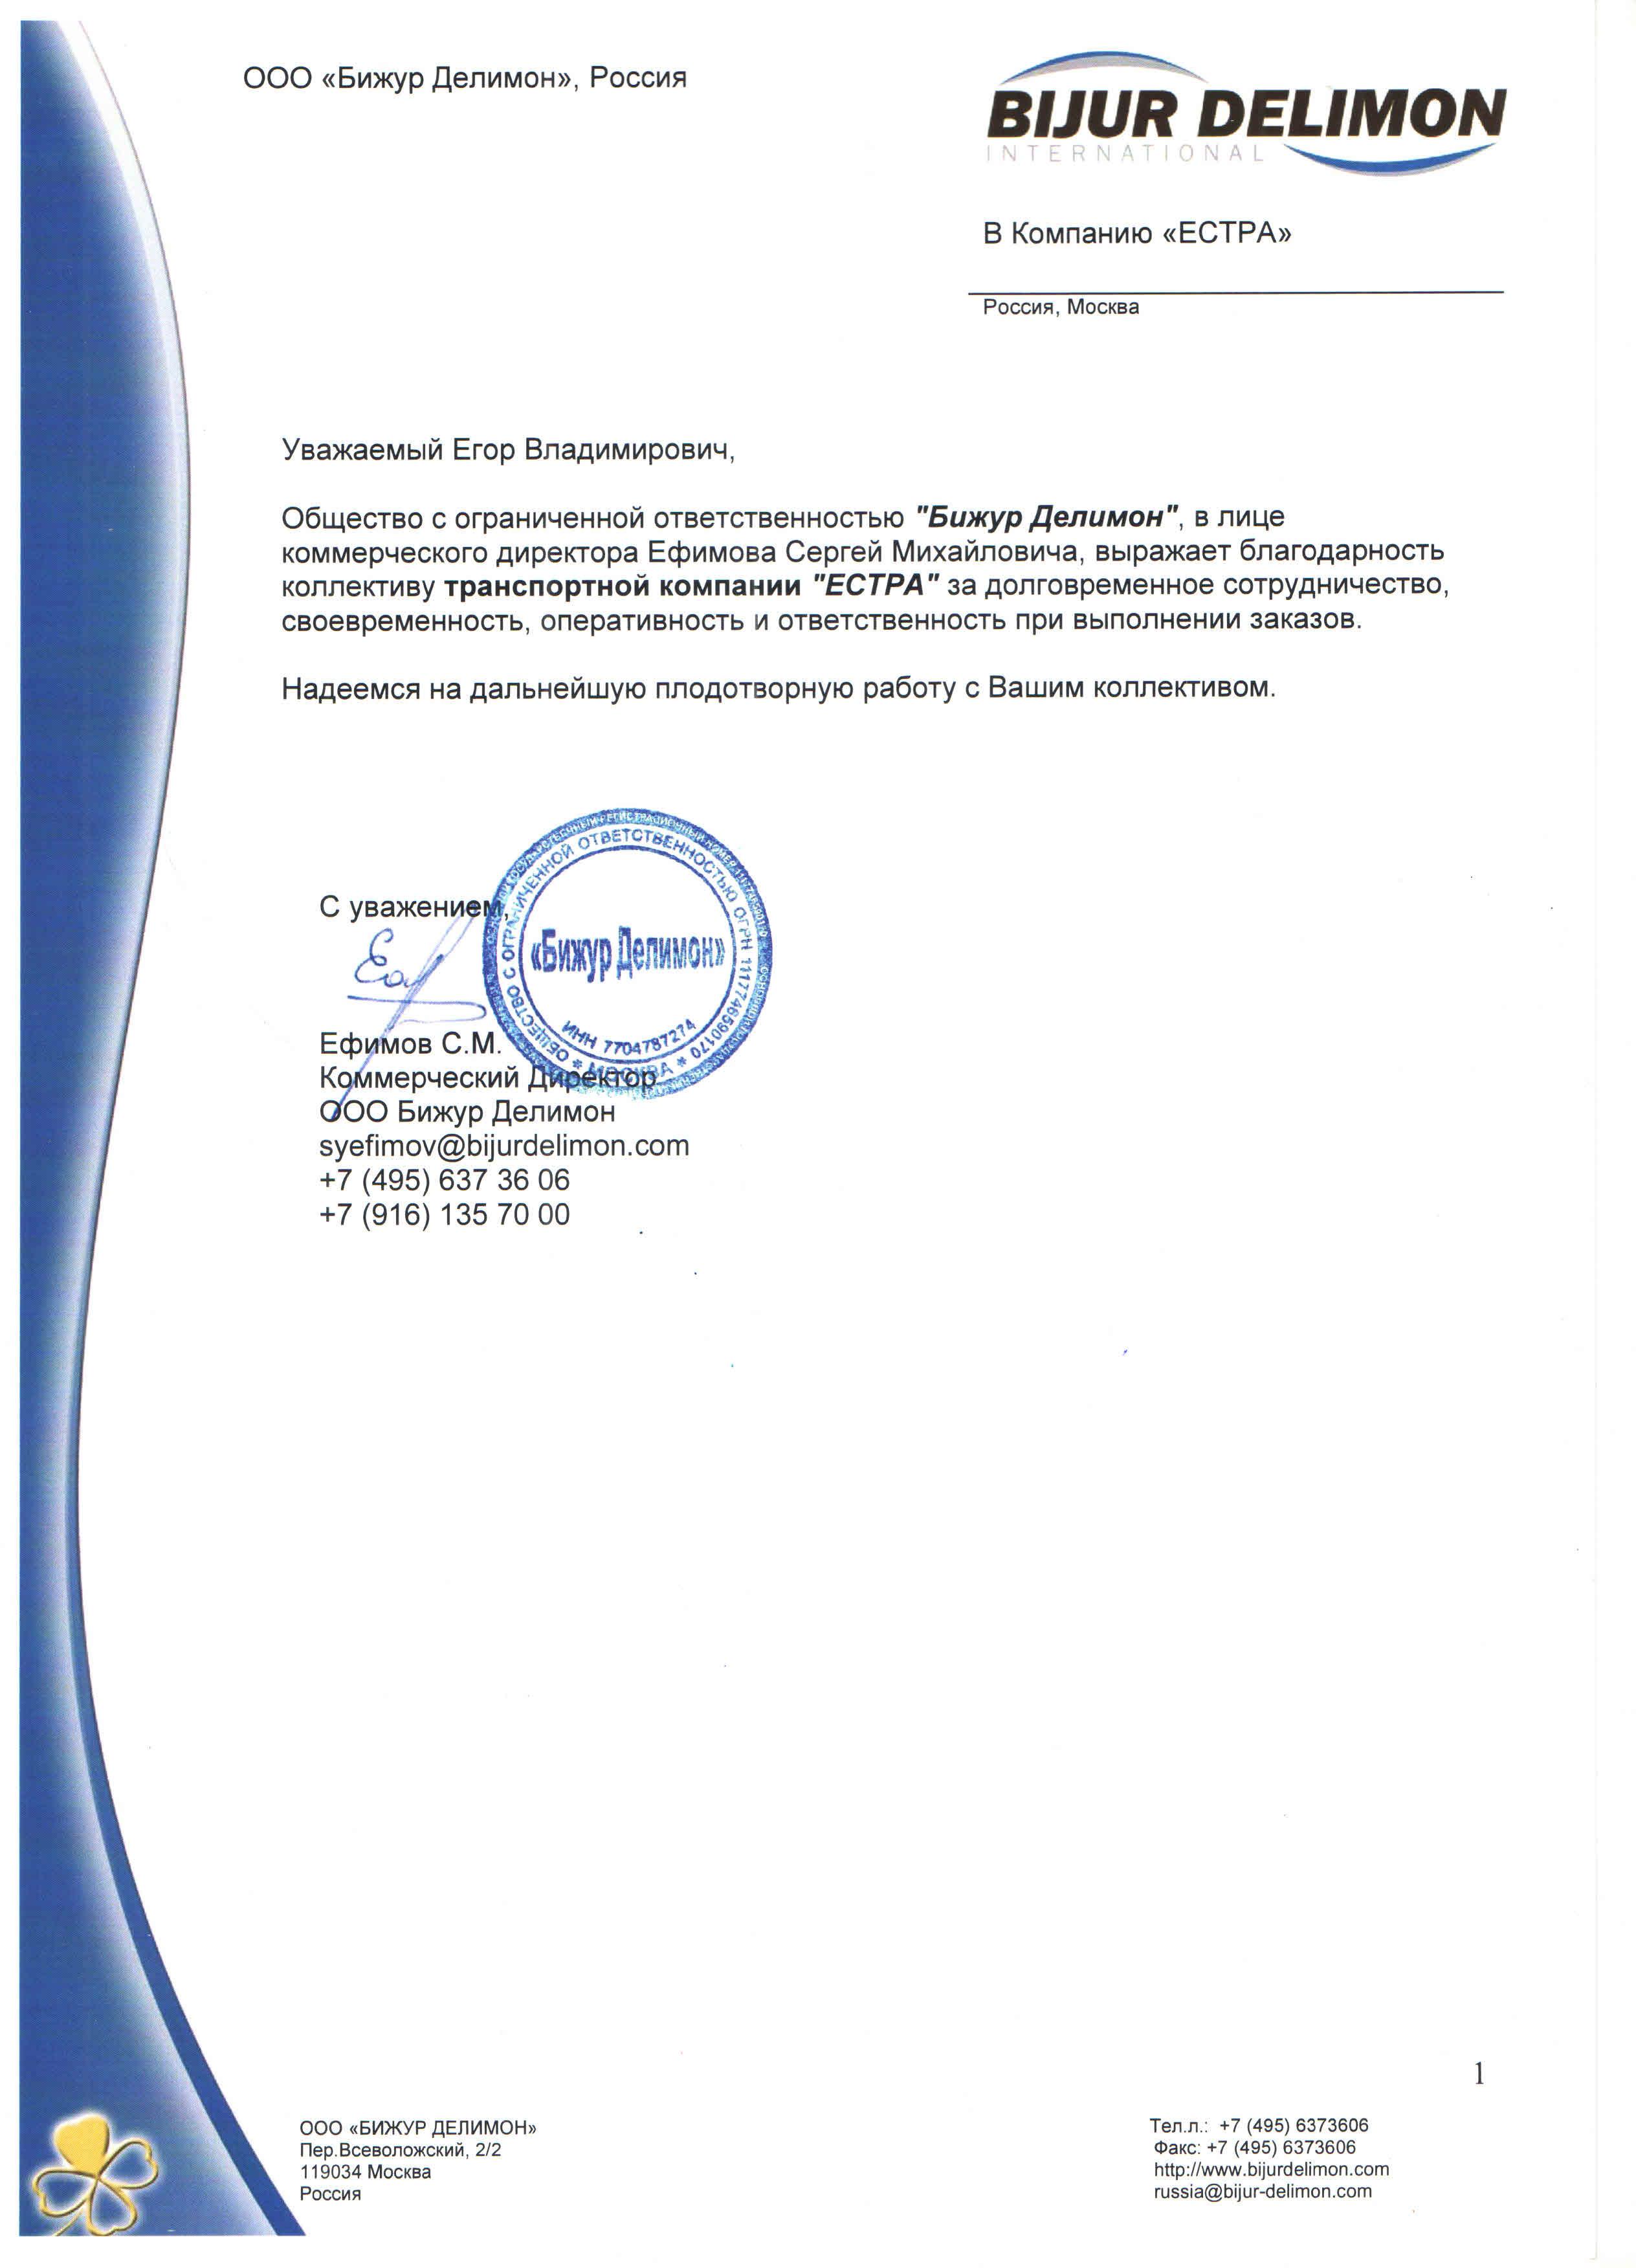 Благодарственное Письмо - ООО Бижур Делимон